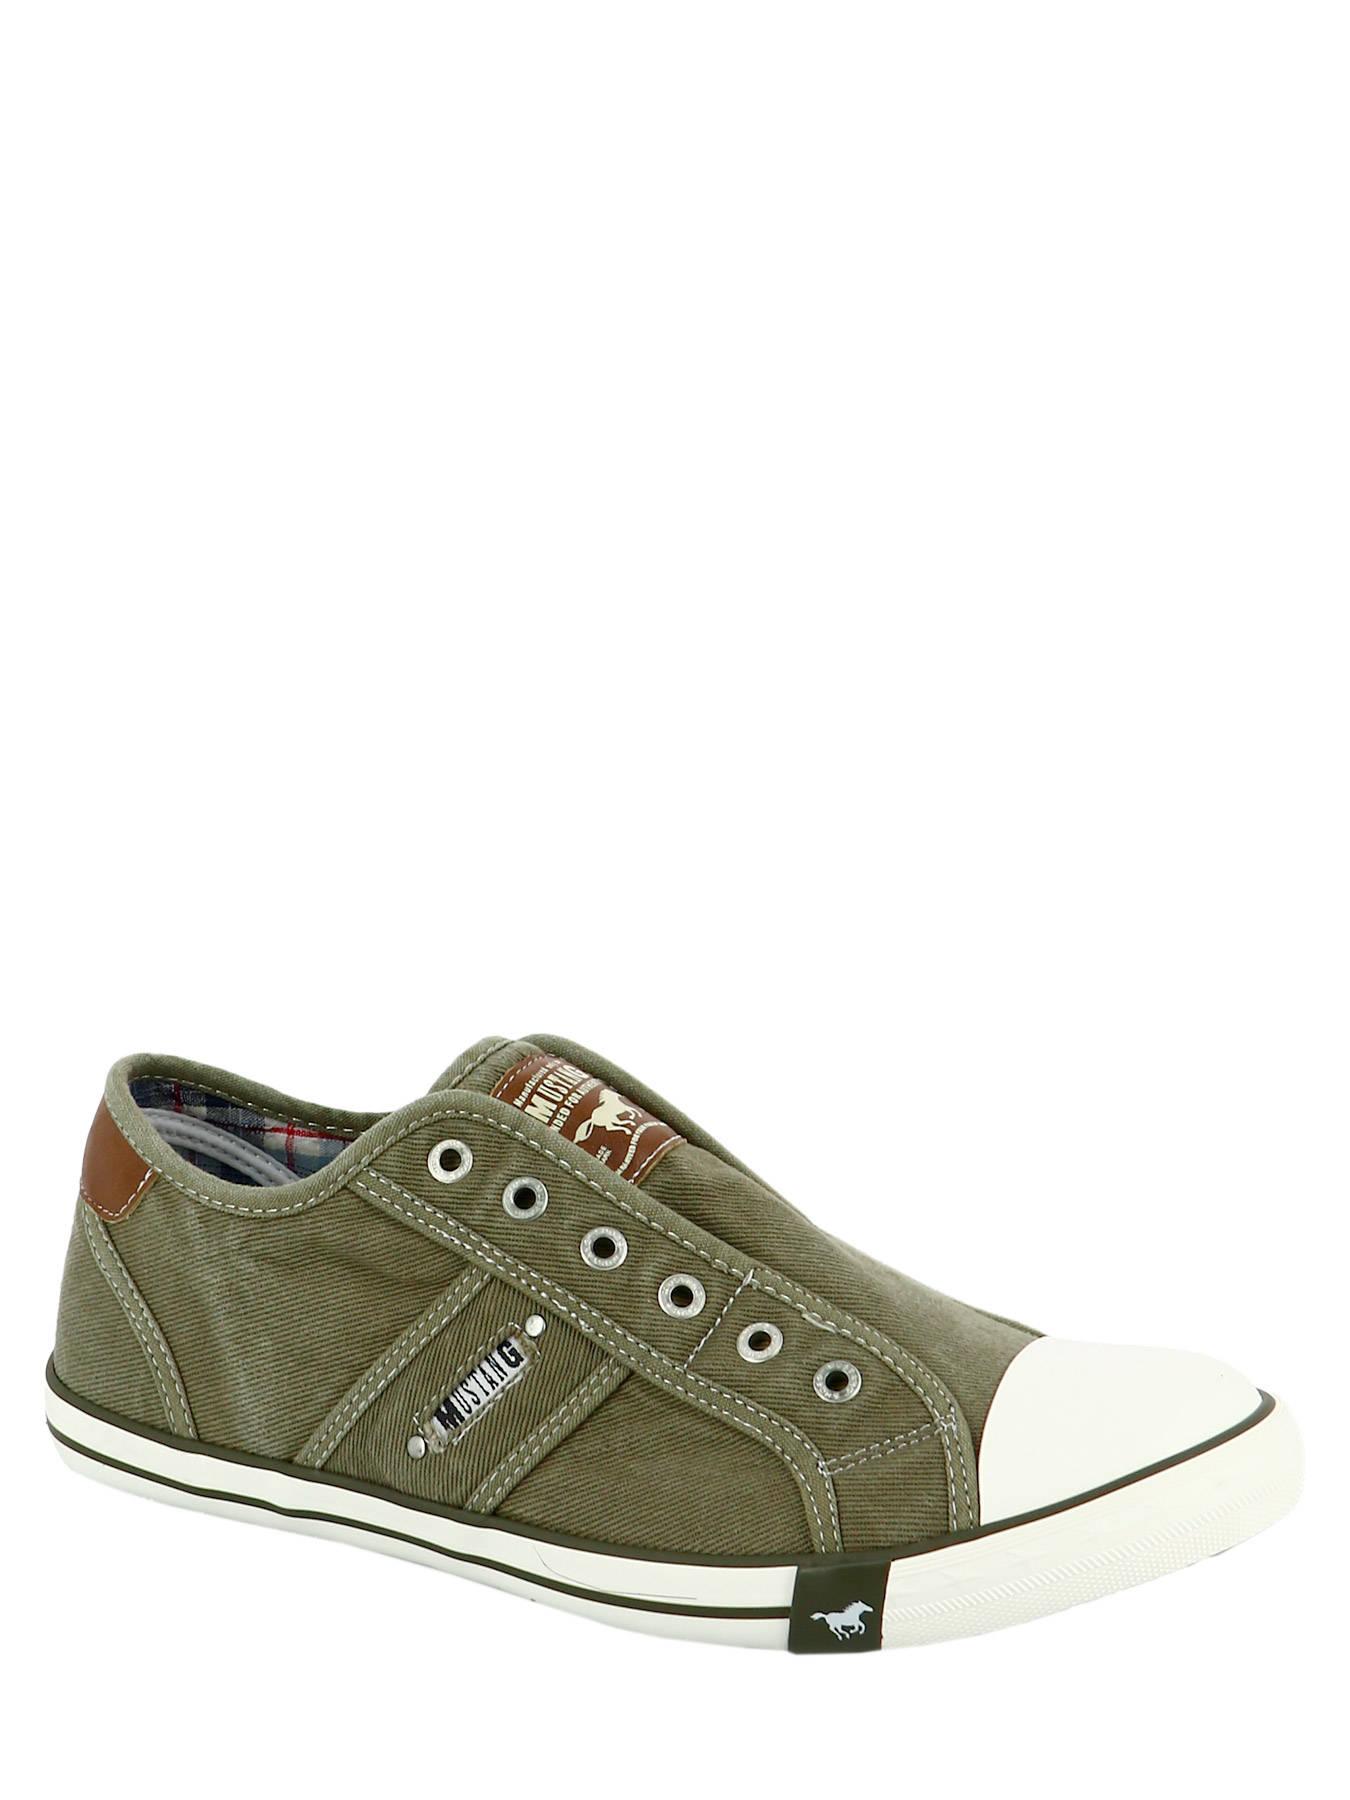 cheaper 17b16 48080 Sneakers MUSTANG